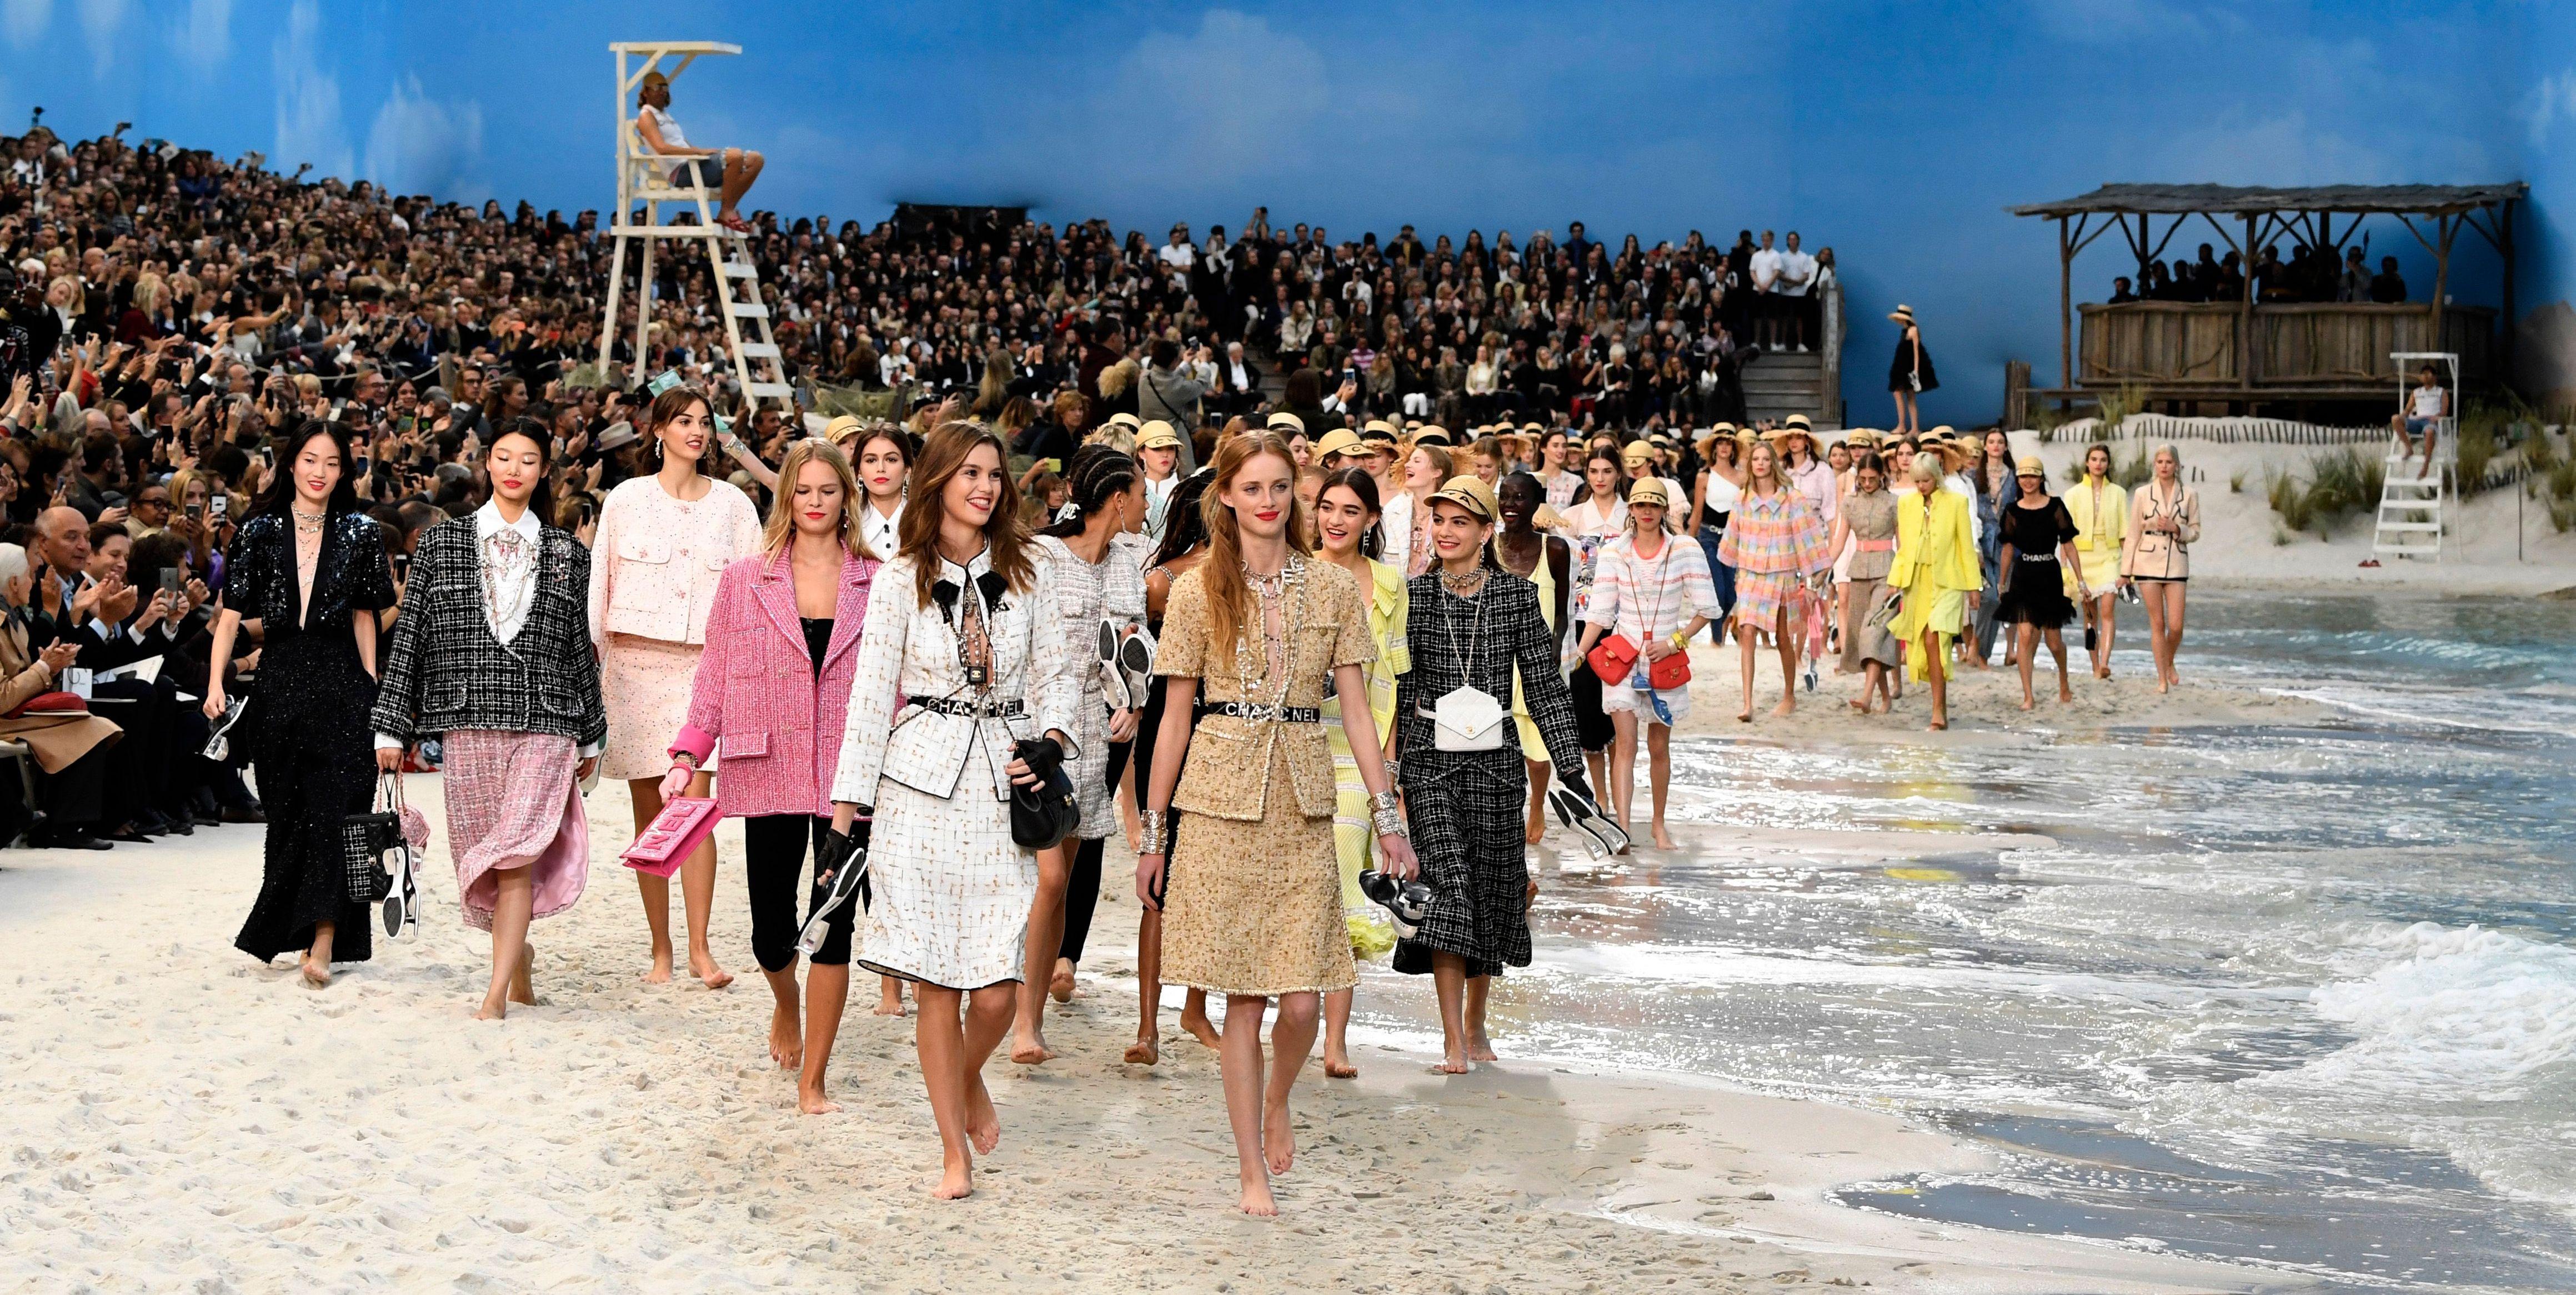 Las mejores puestas en escena en las Pasarelas de Moda